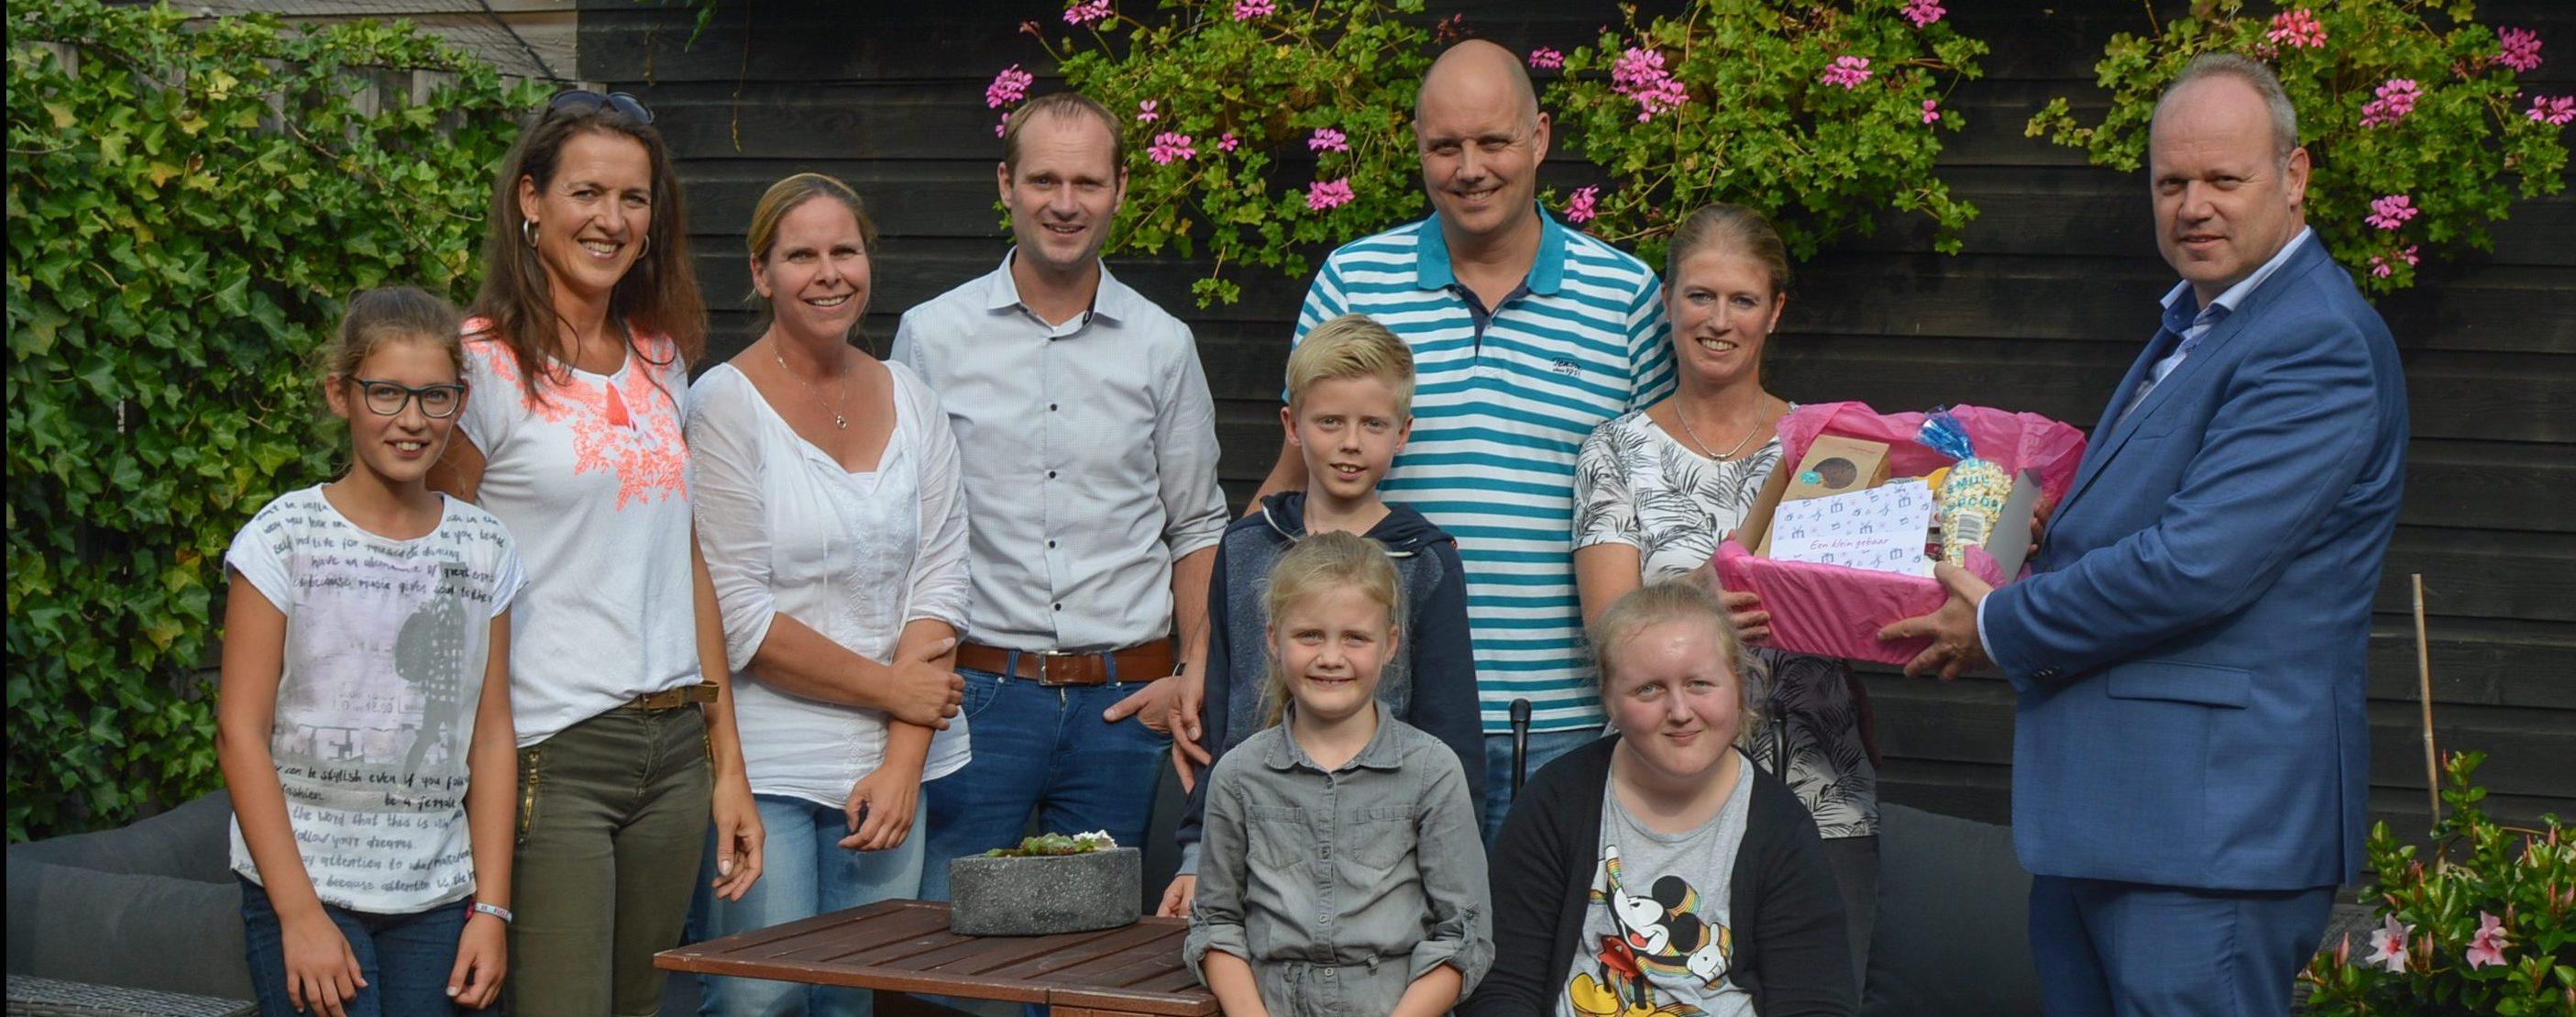 De familie Reddering samen met wethouder Tigelaar en de buren de hun het Gebaar van Waardering zo gunnen.